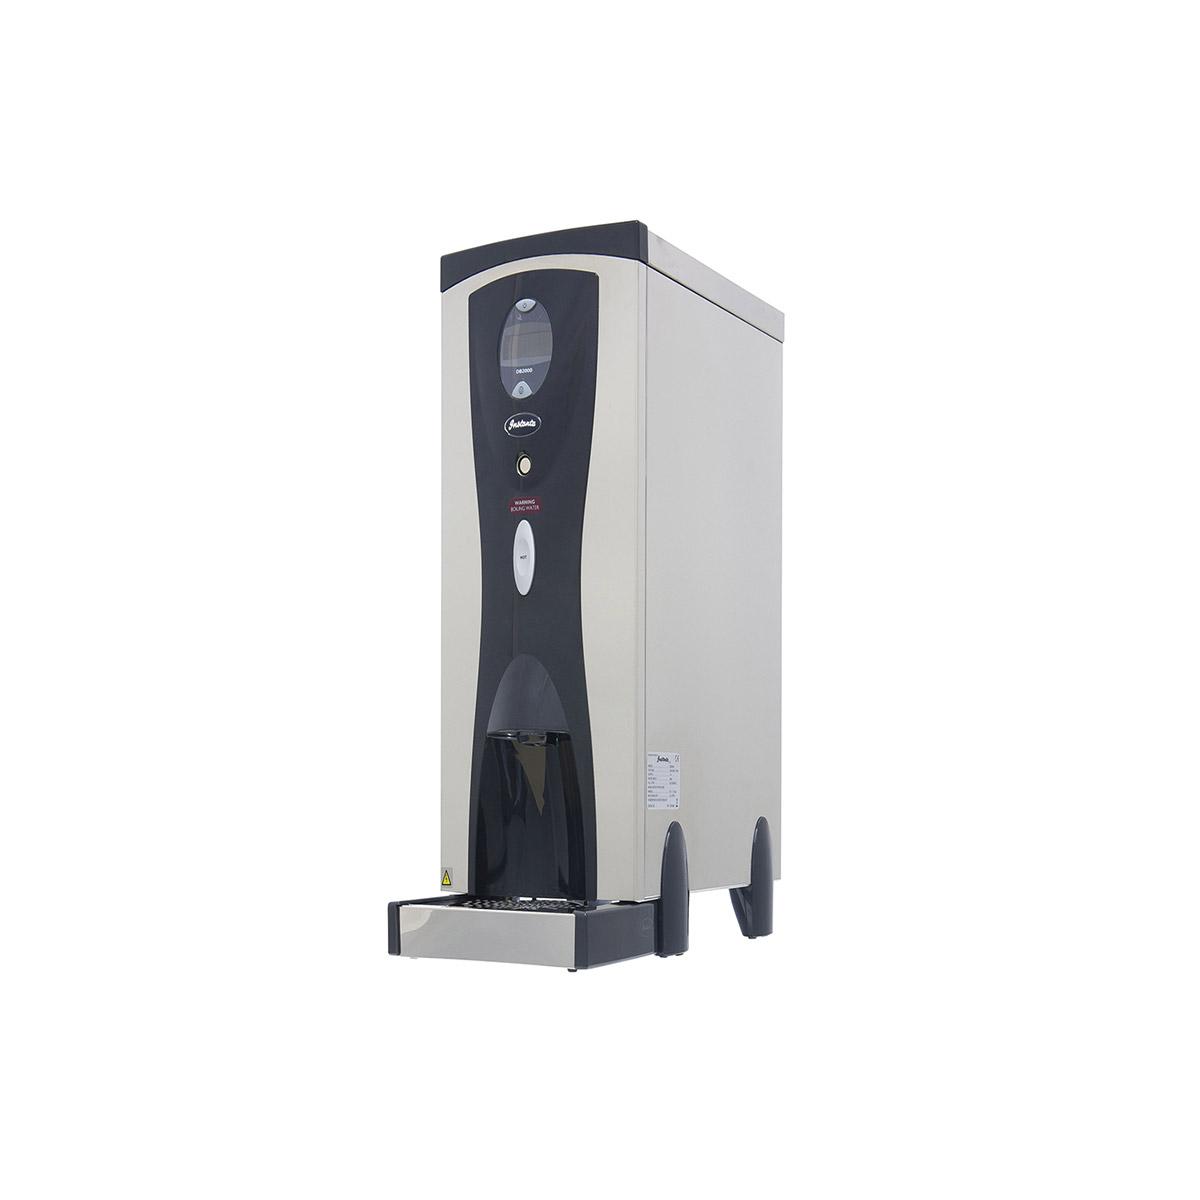 Instanta Sureflow Plus Touch Counter Top Water Boiler CTSP15PB Push Button 15Ltr